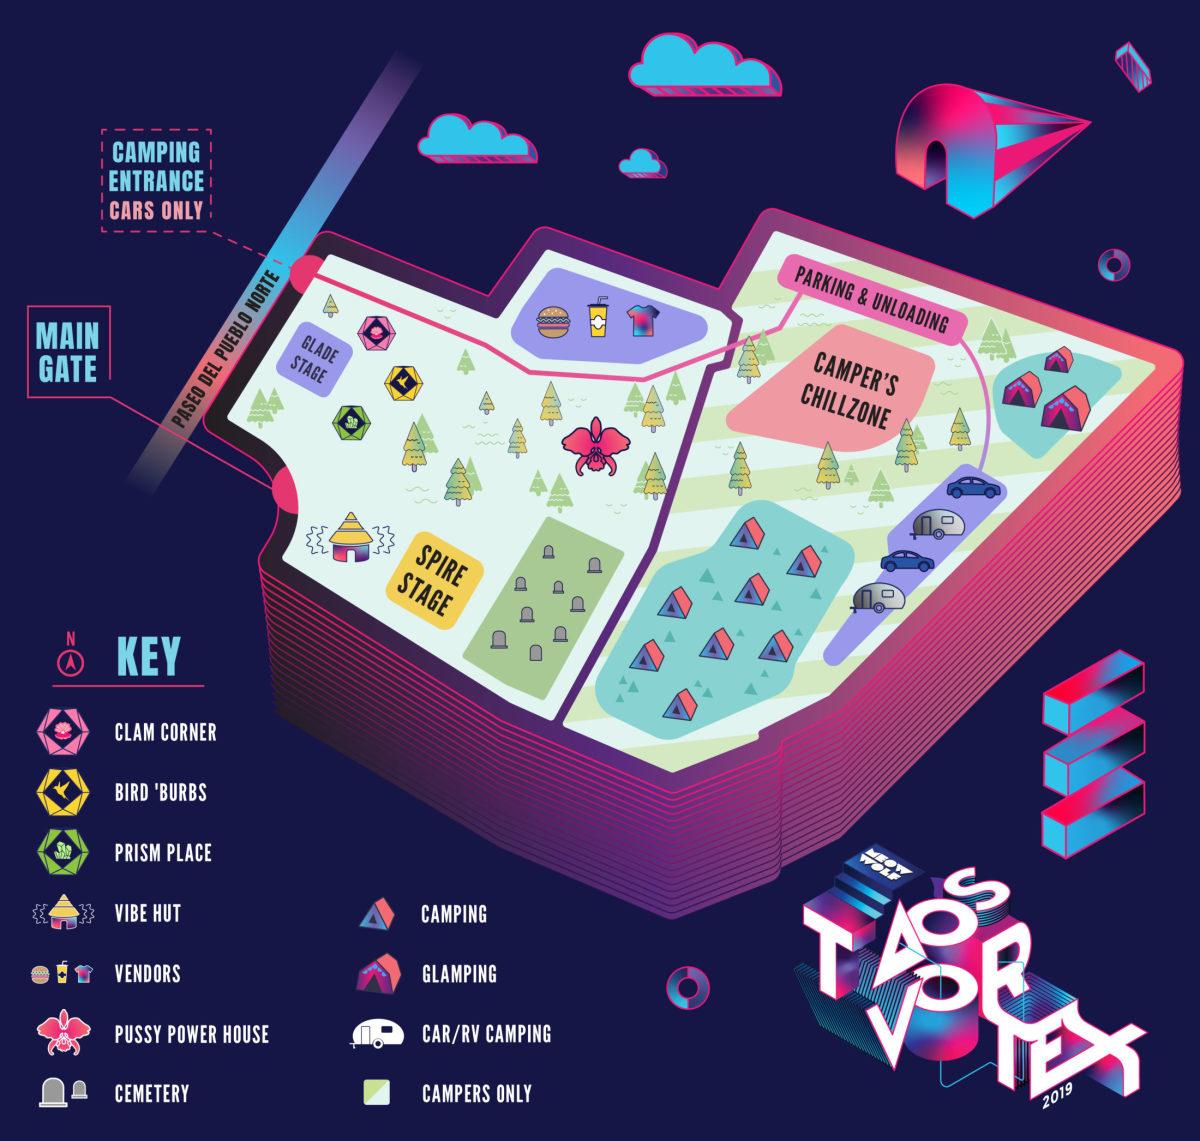 Taox vortex 2019 map